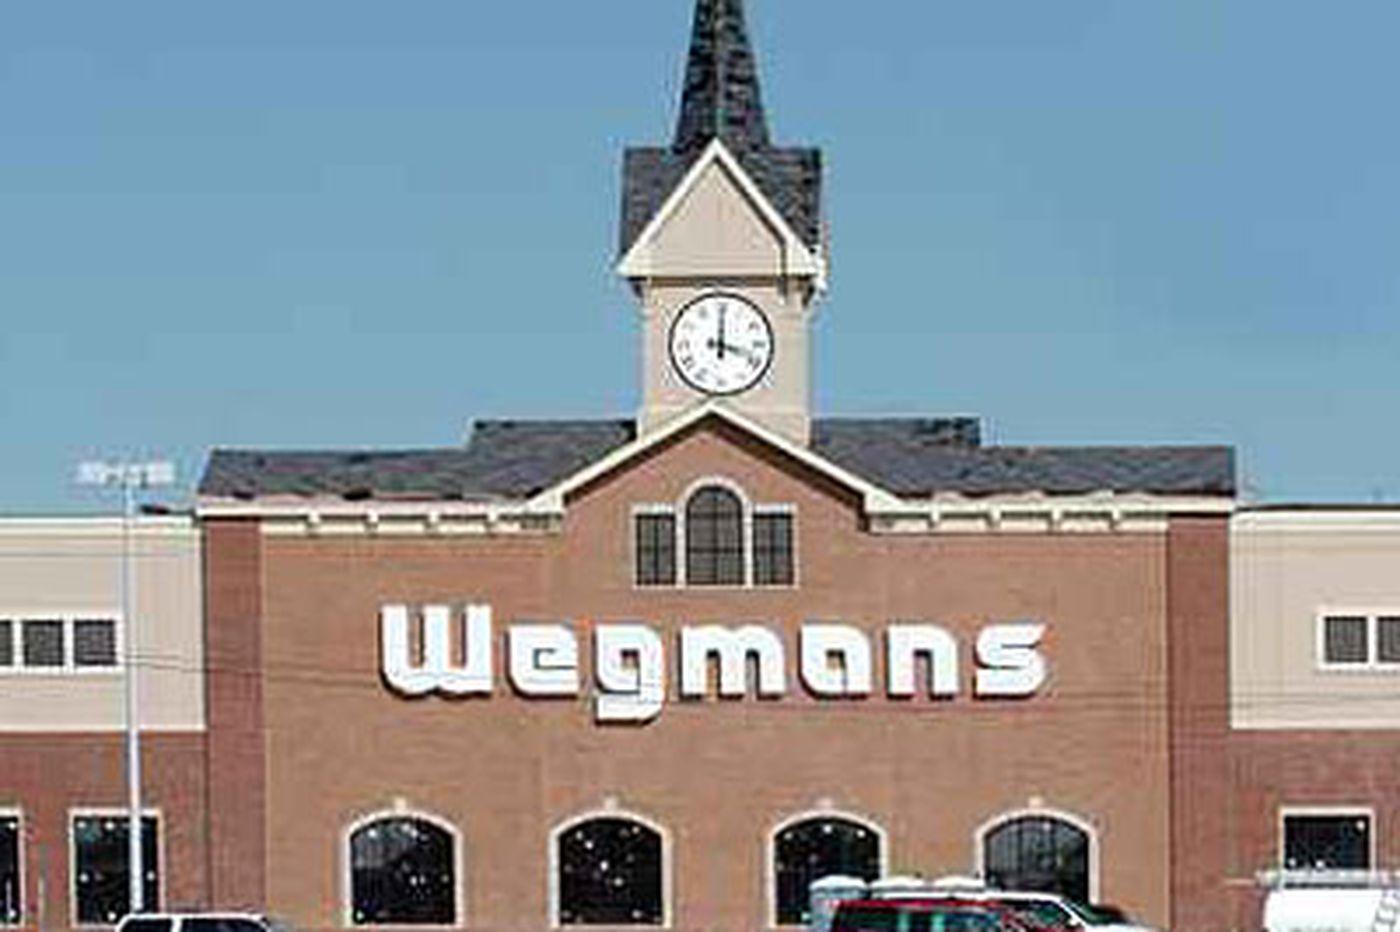 600 hires and pub at new Wegmans